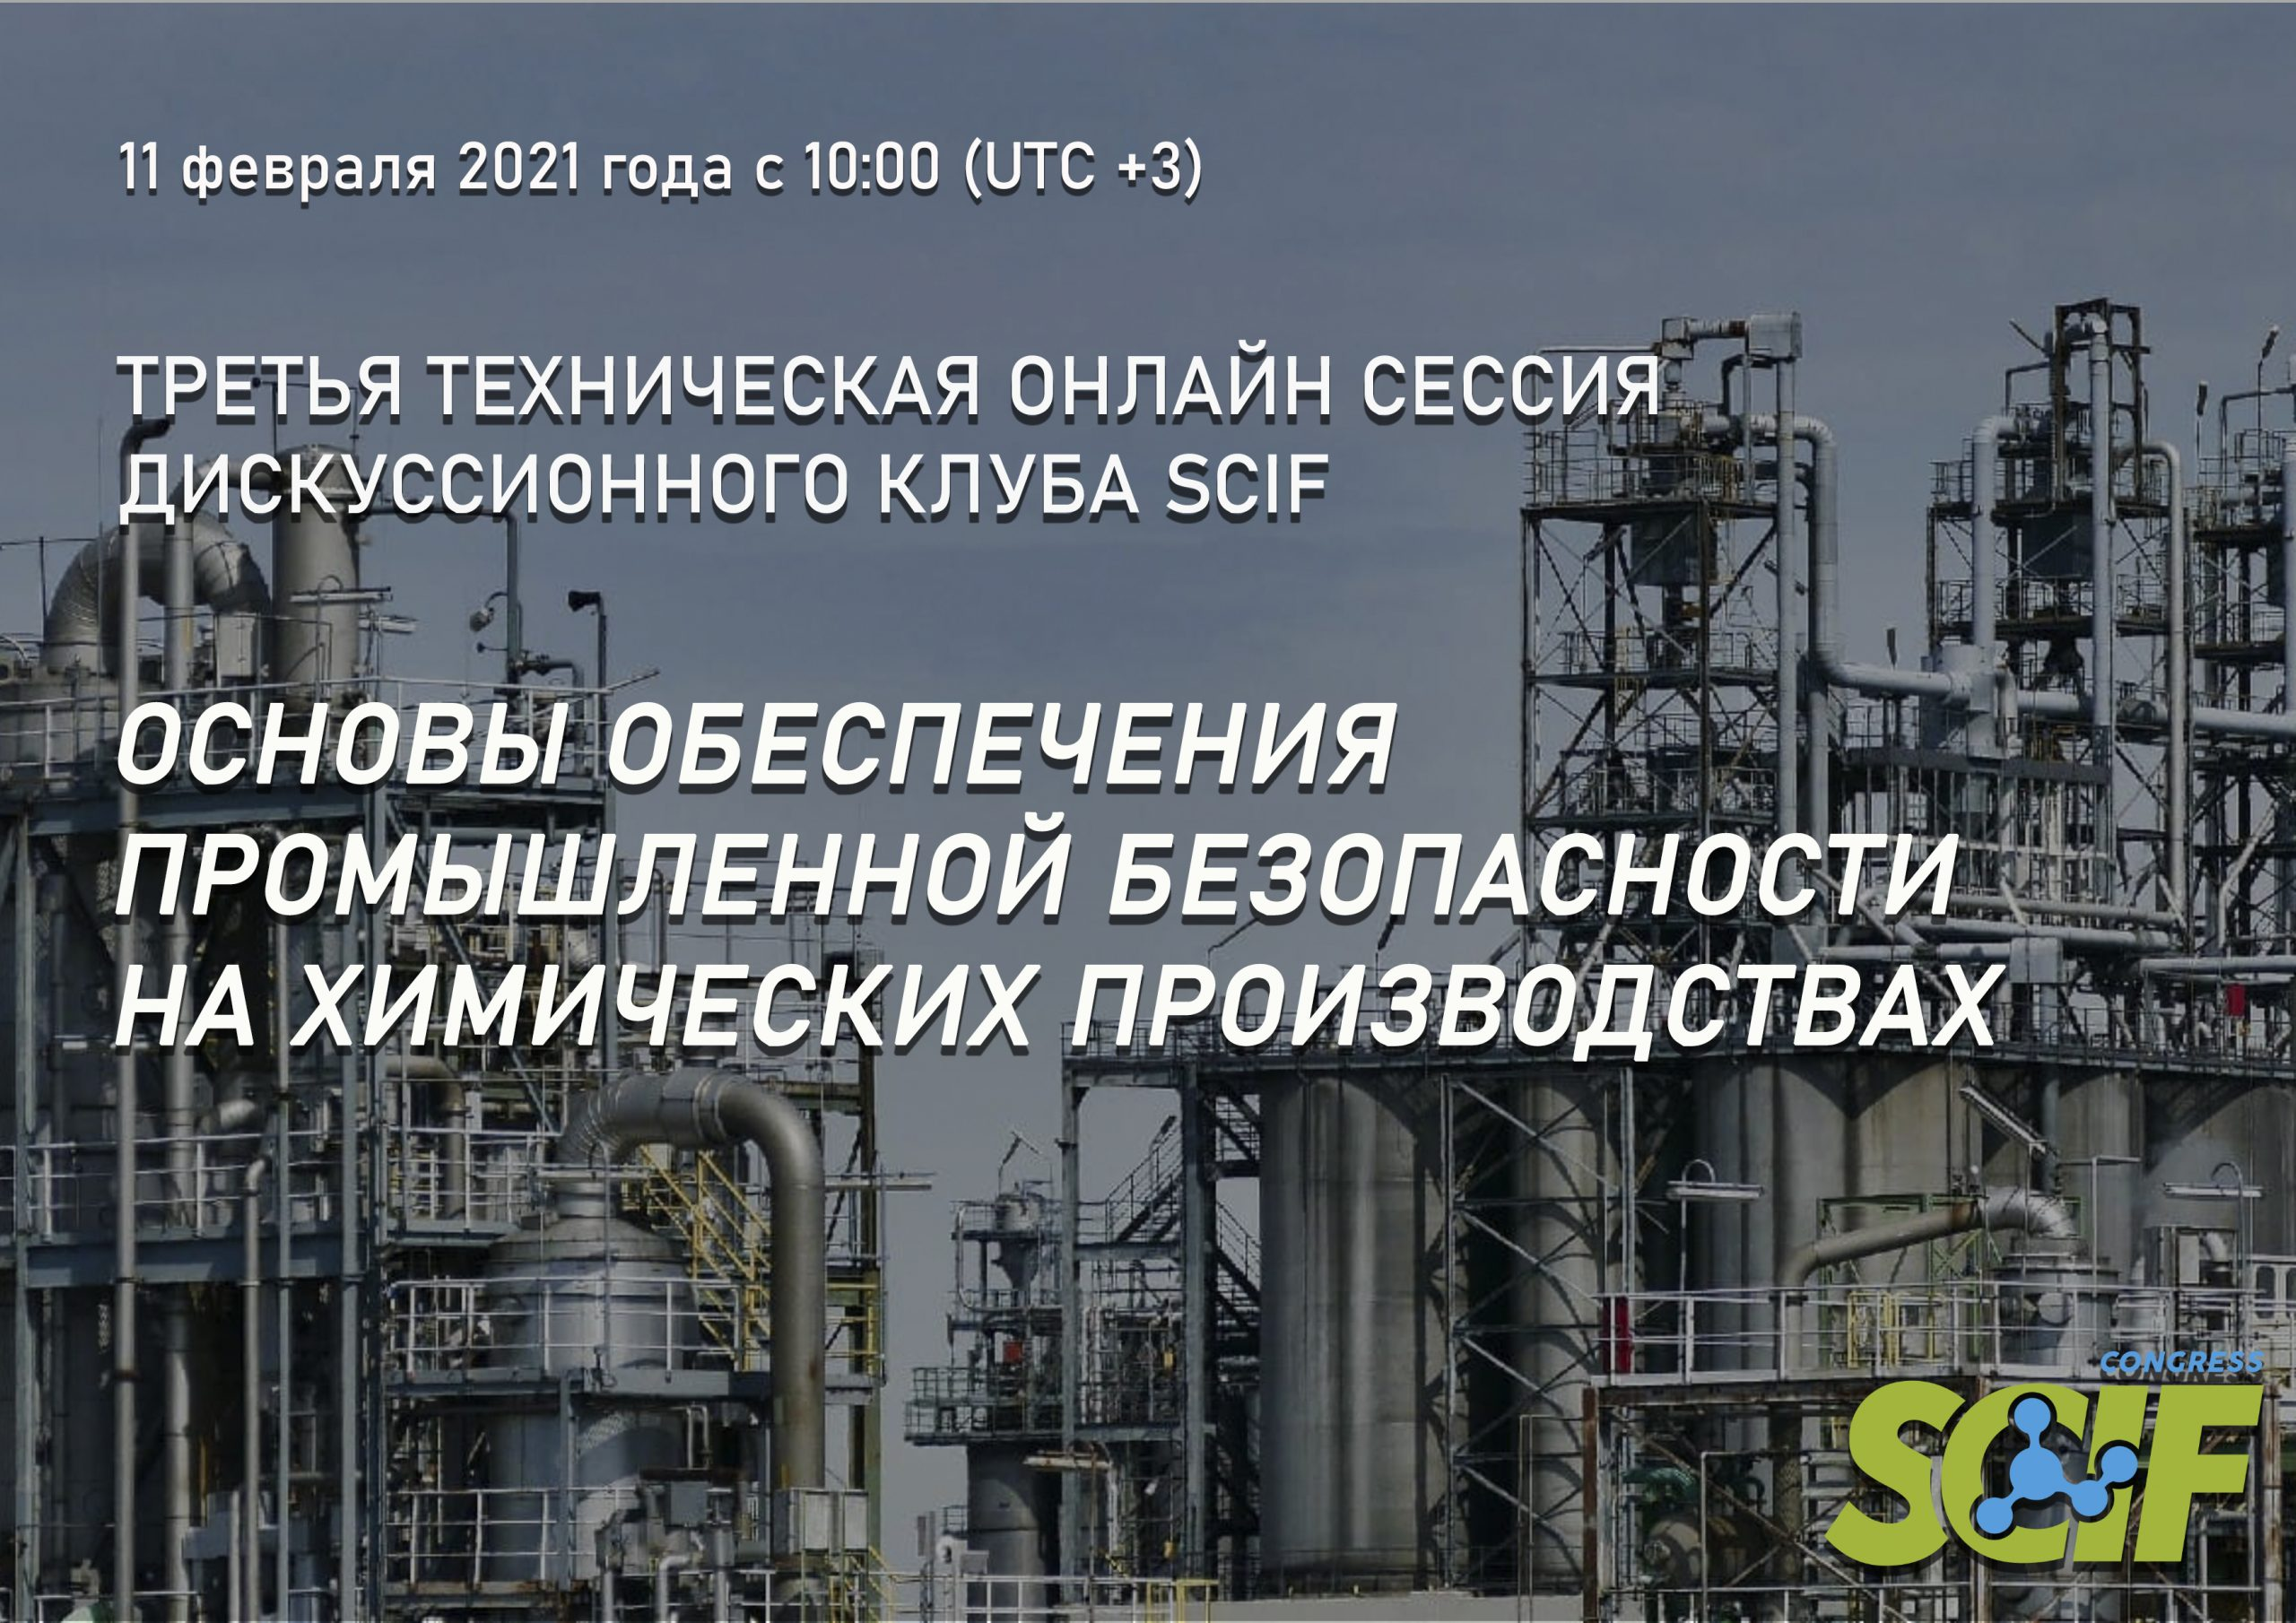 Итоги Третьей технической онлайн сессии SCIF